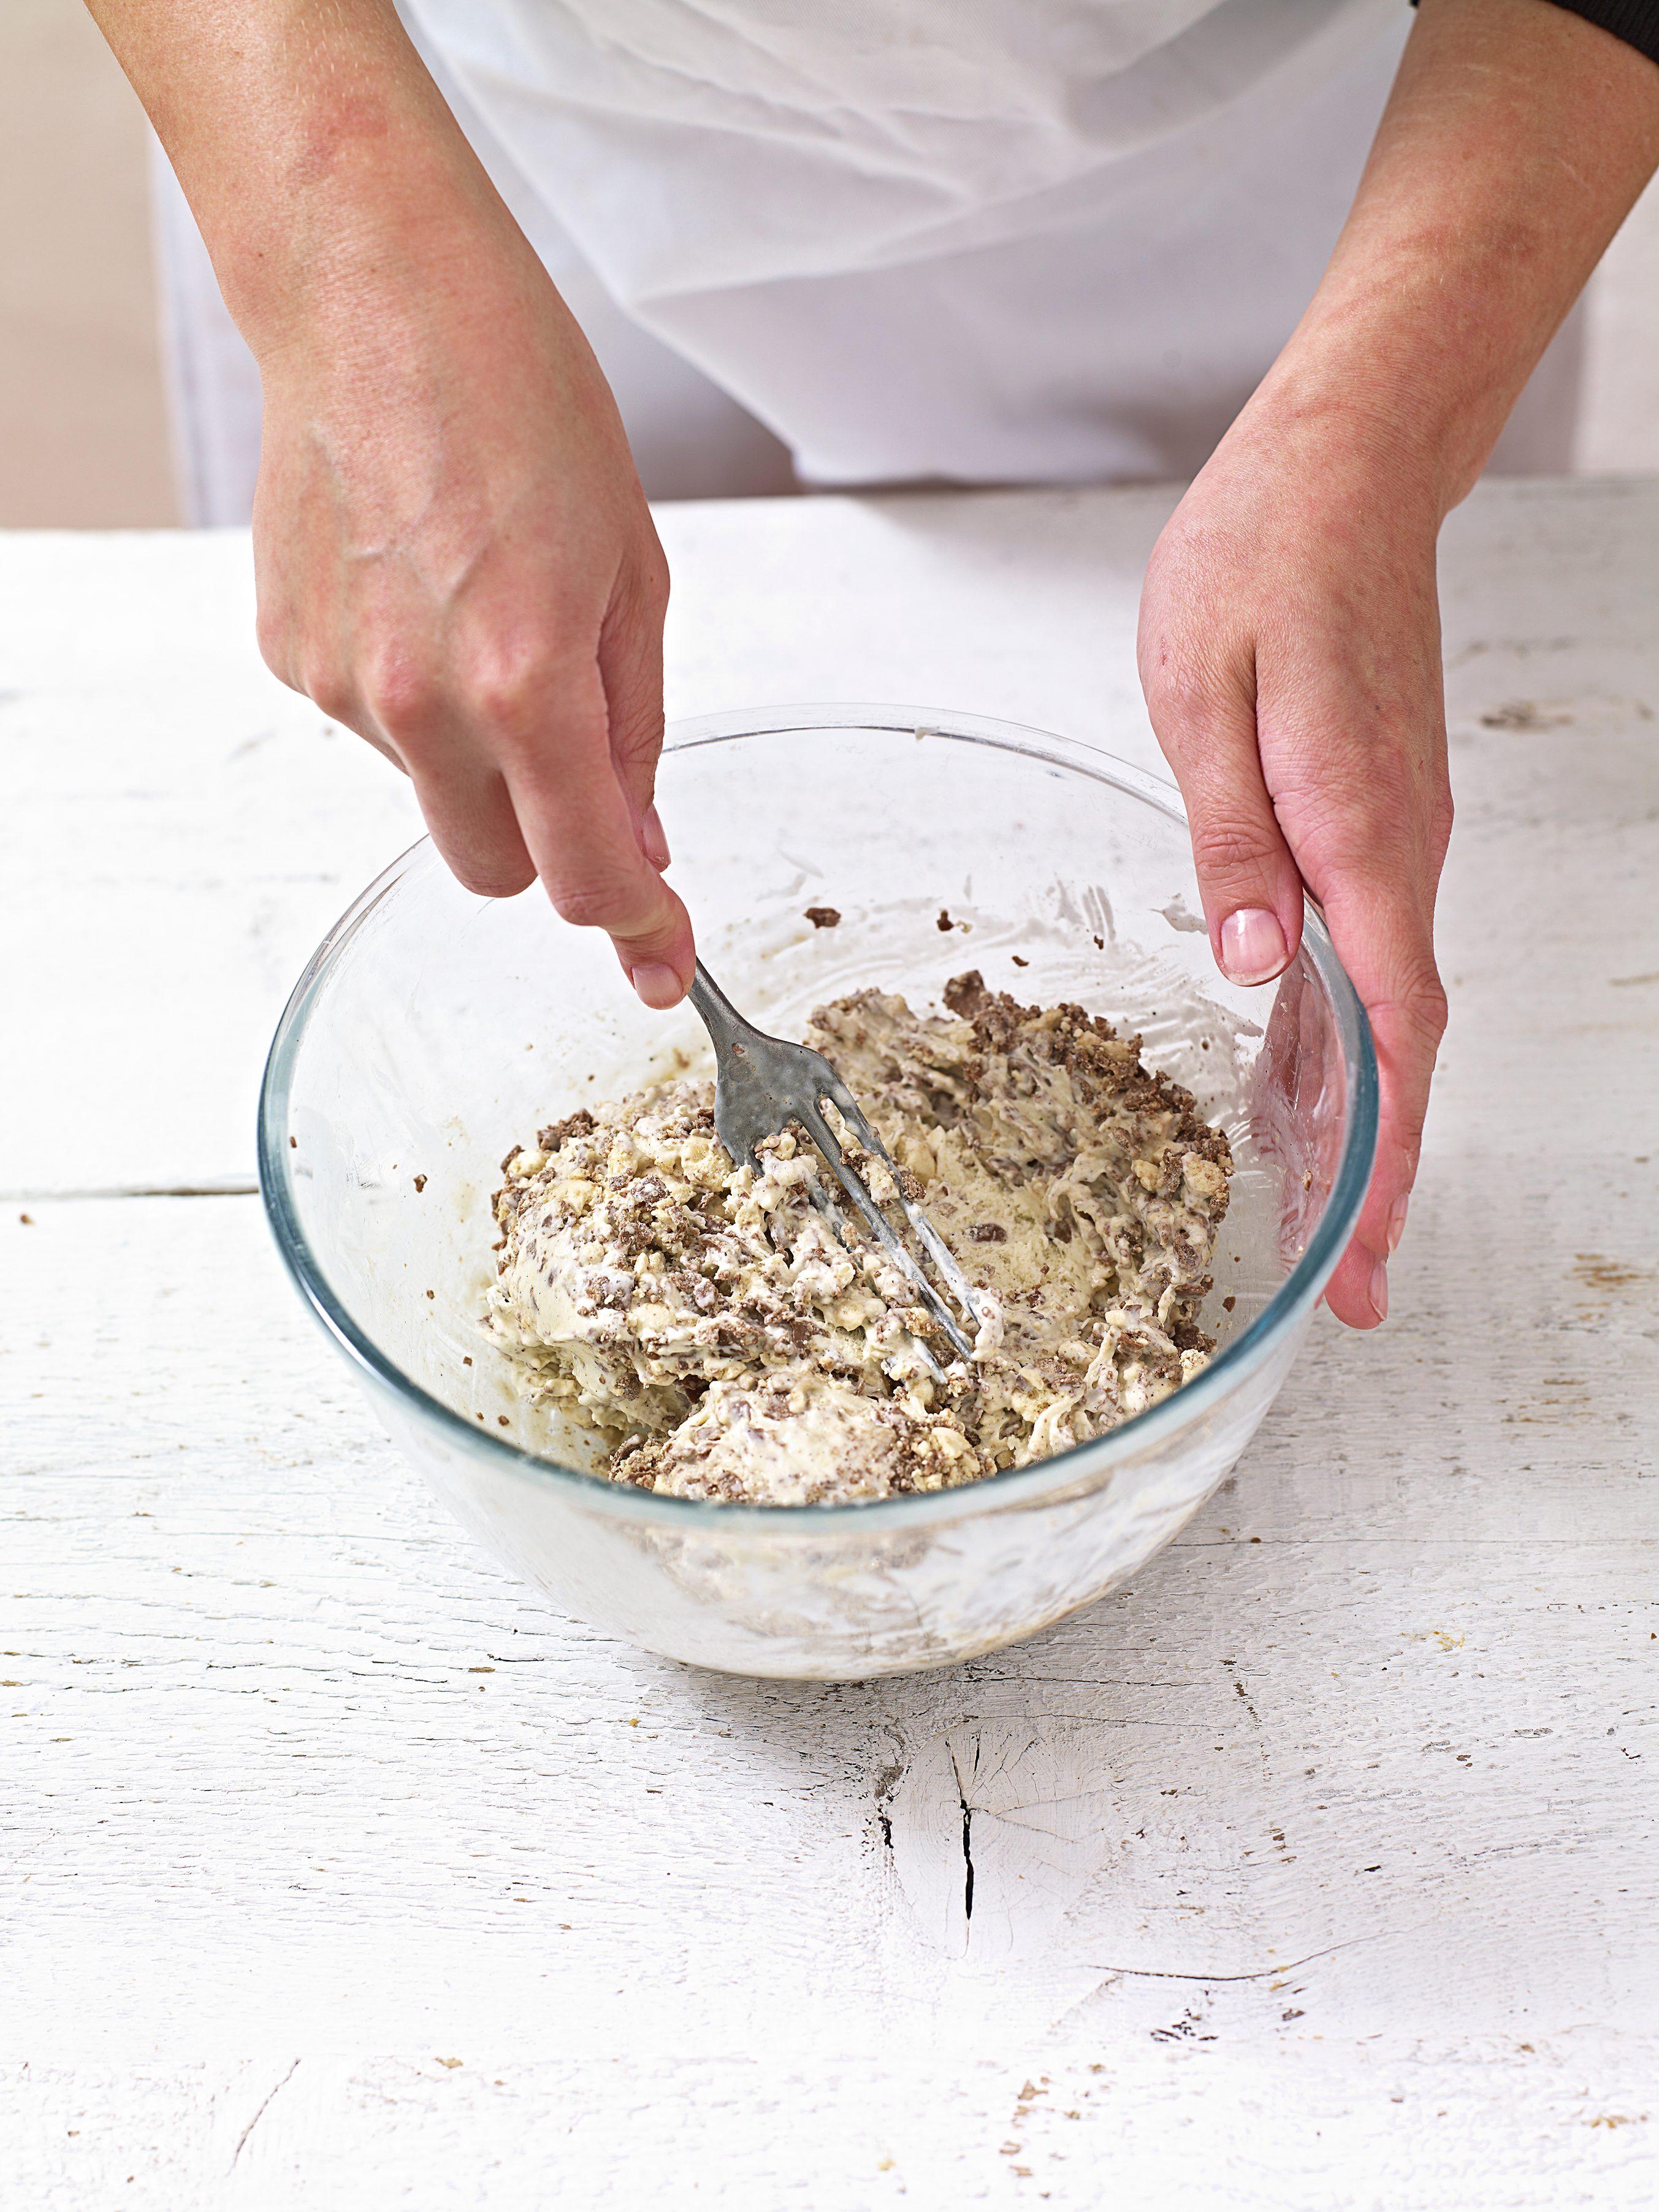 Adăugarea de maltere zdrobite și lapte praf malțit la înghețată